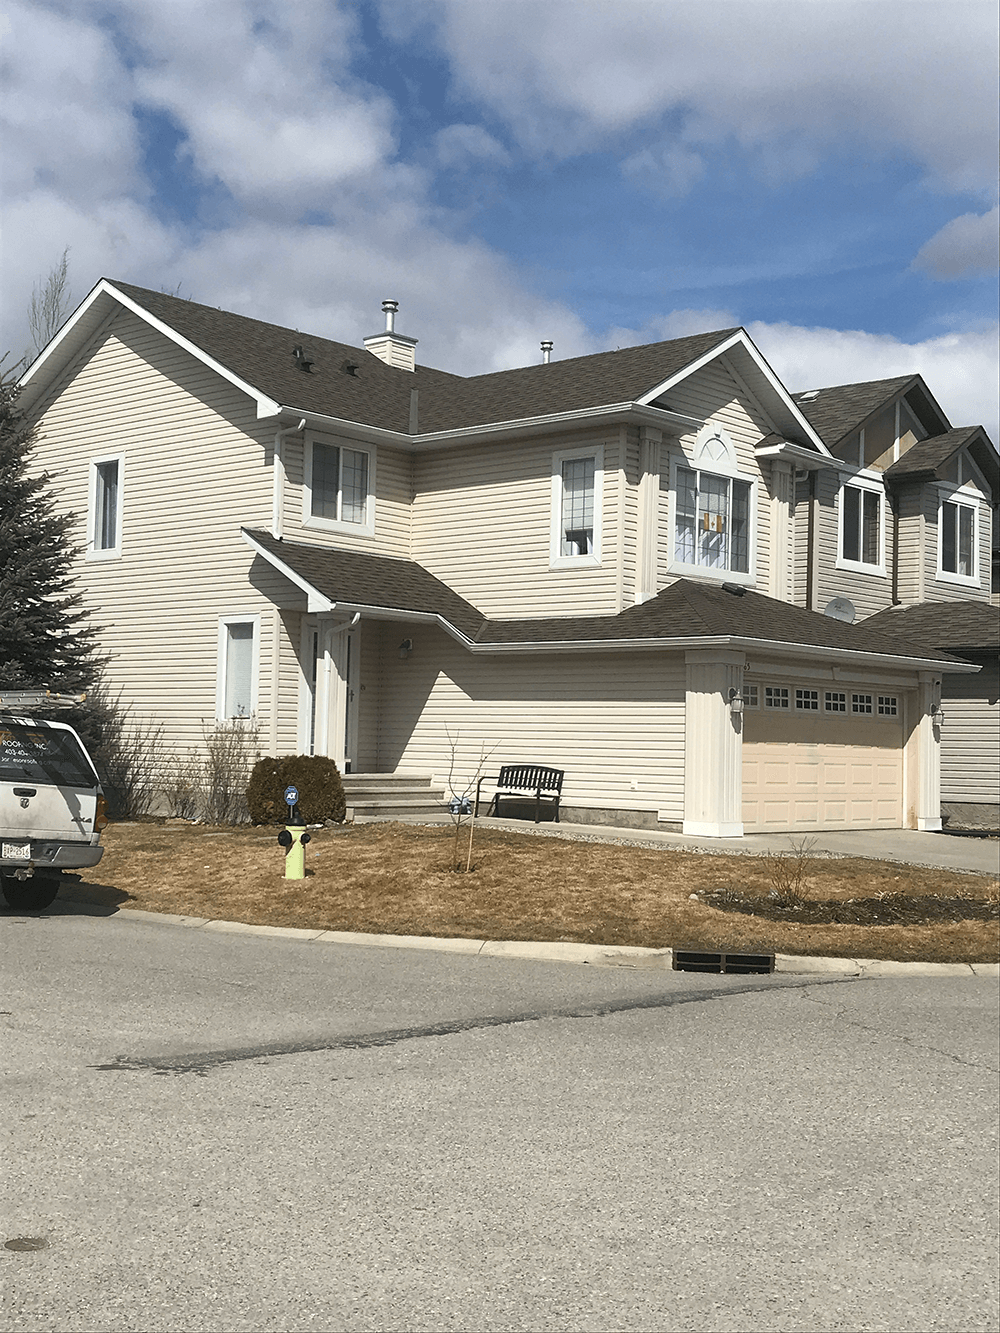 new shingles on modern white house